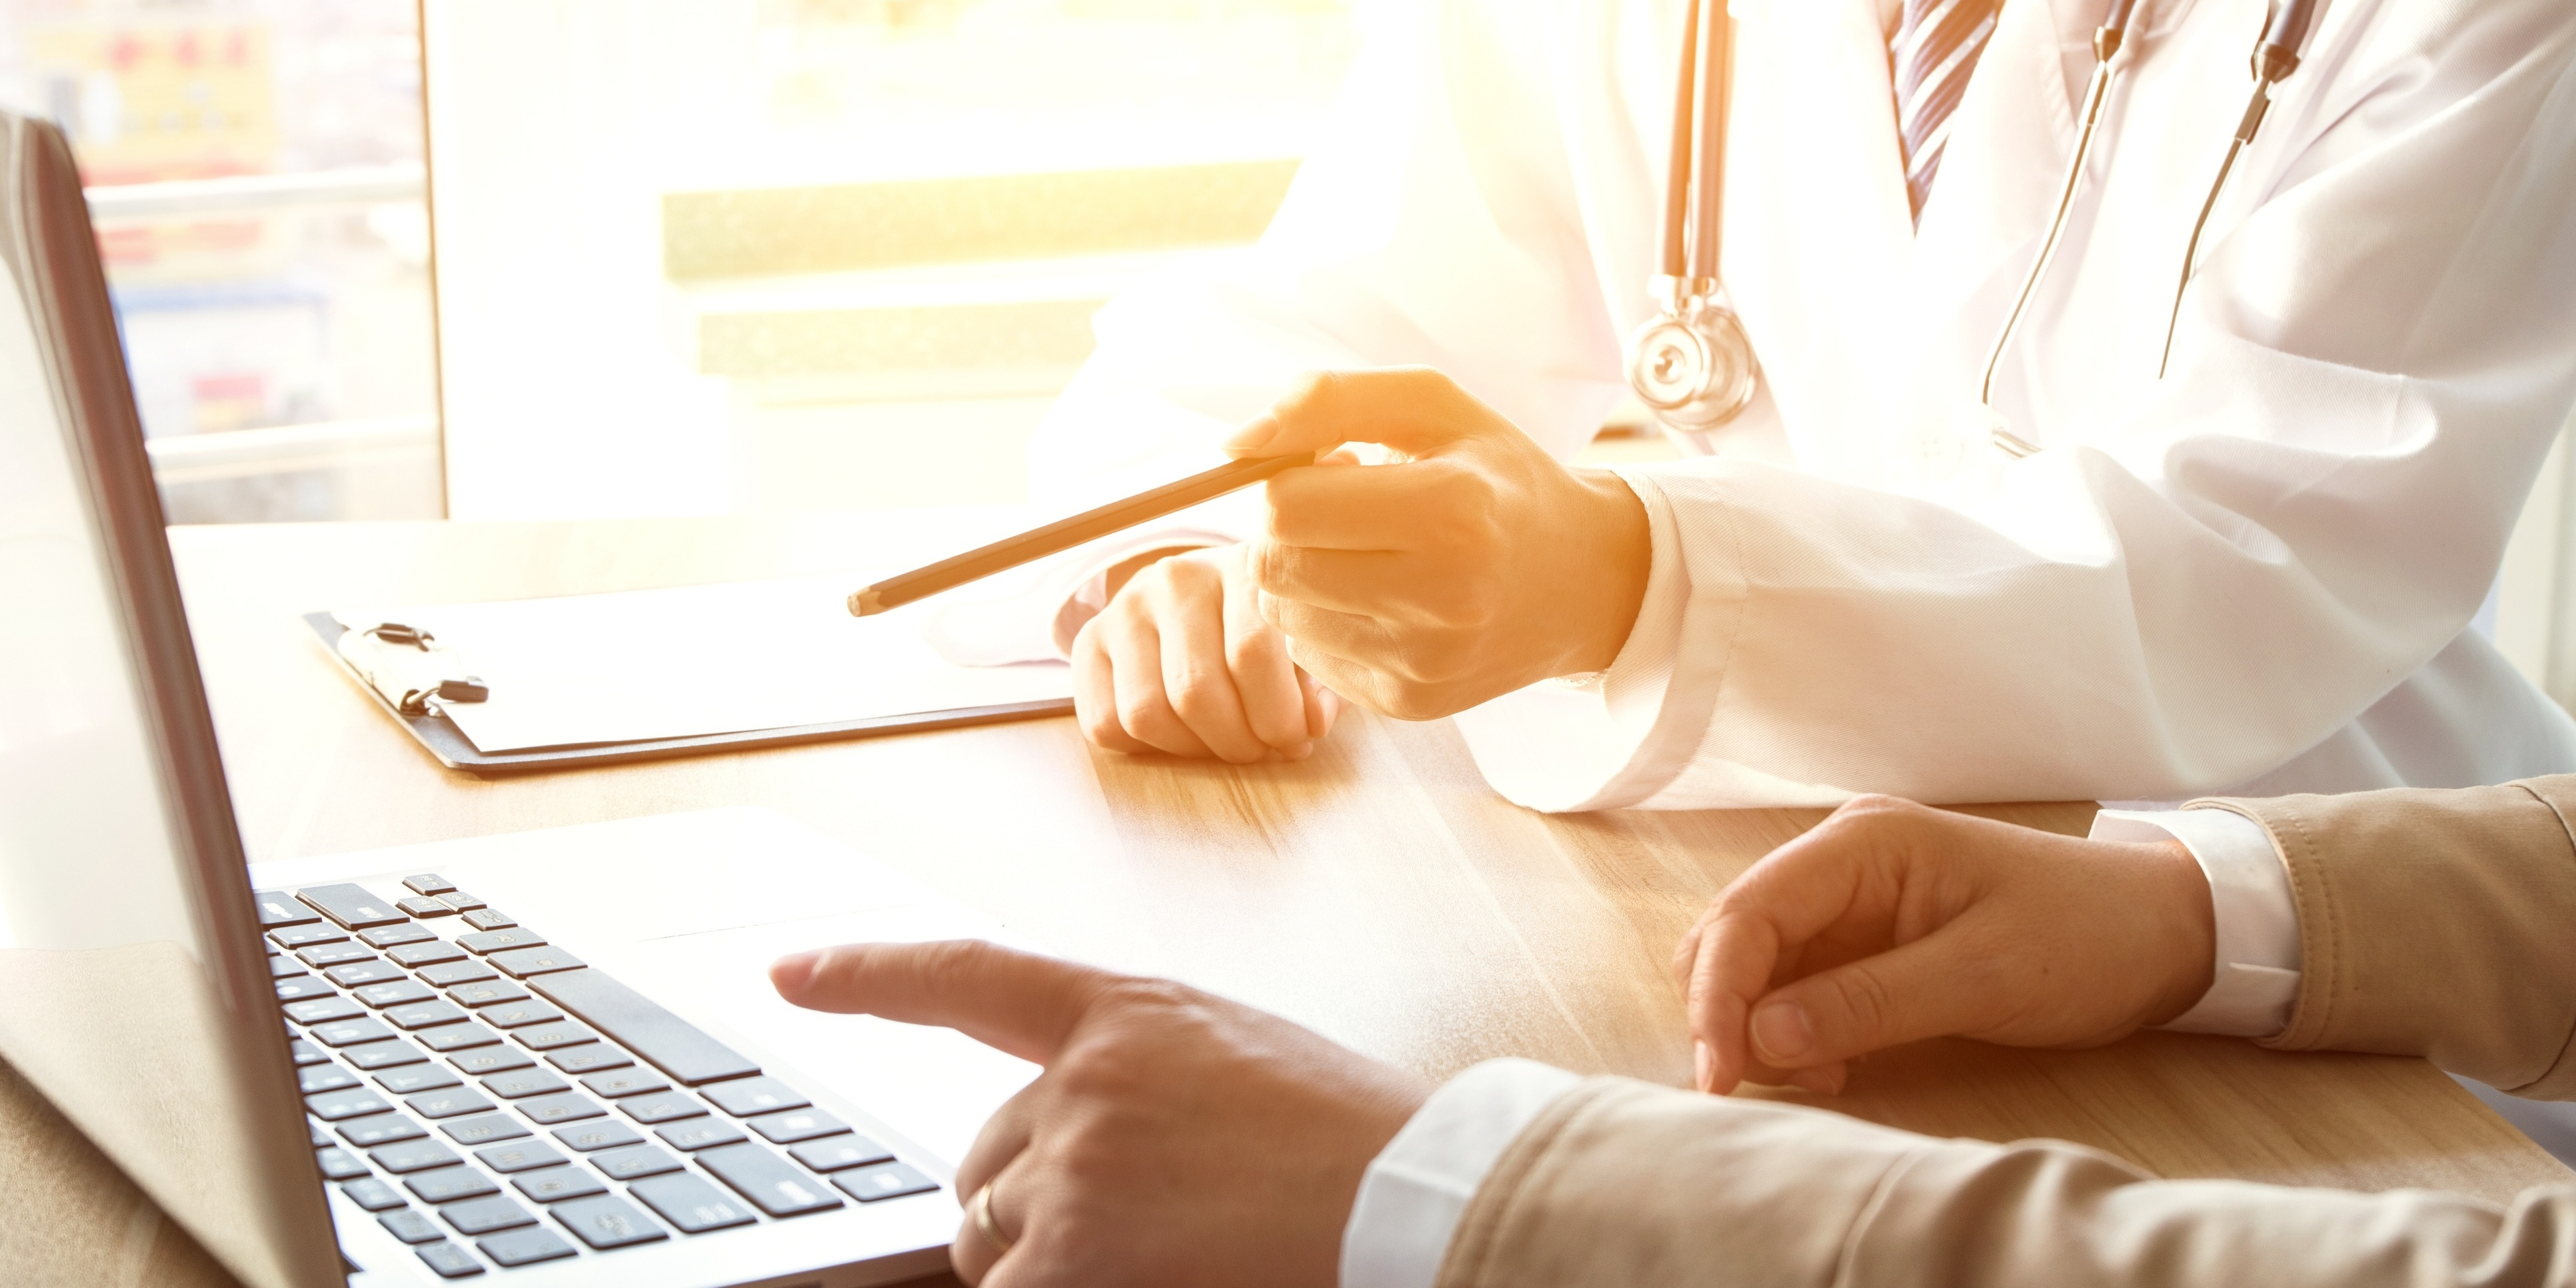 Assurance maladie : connaissez-vous la couverture de vos employés?